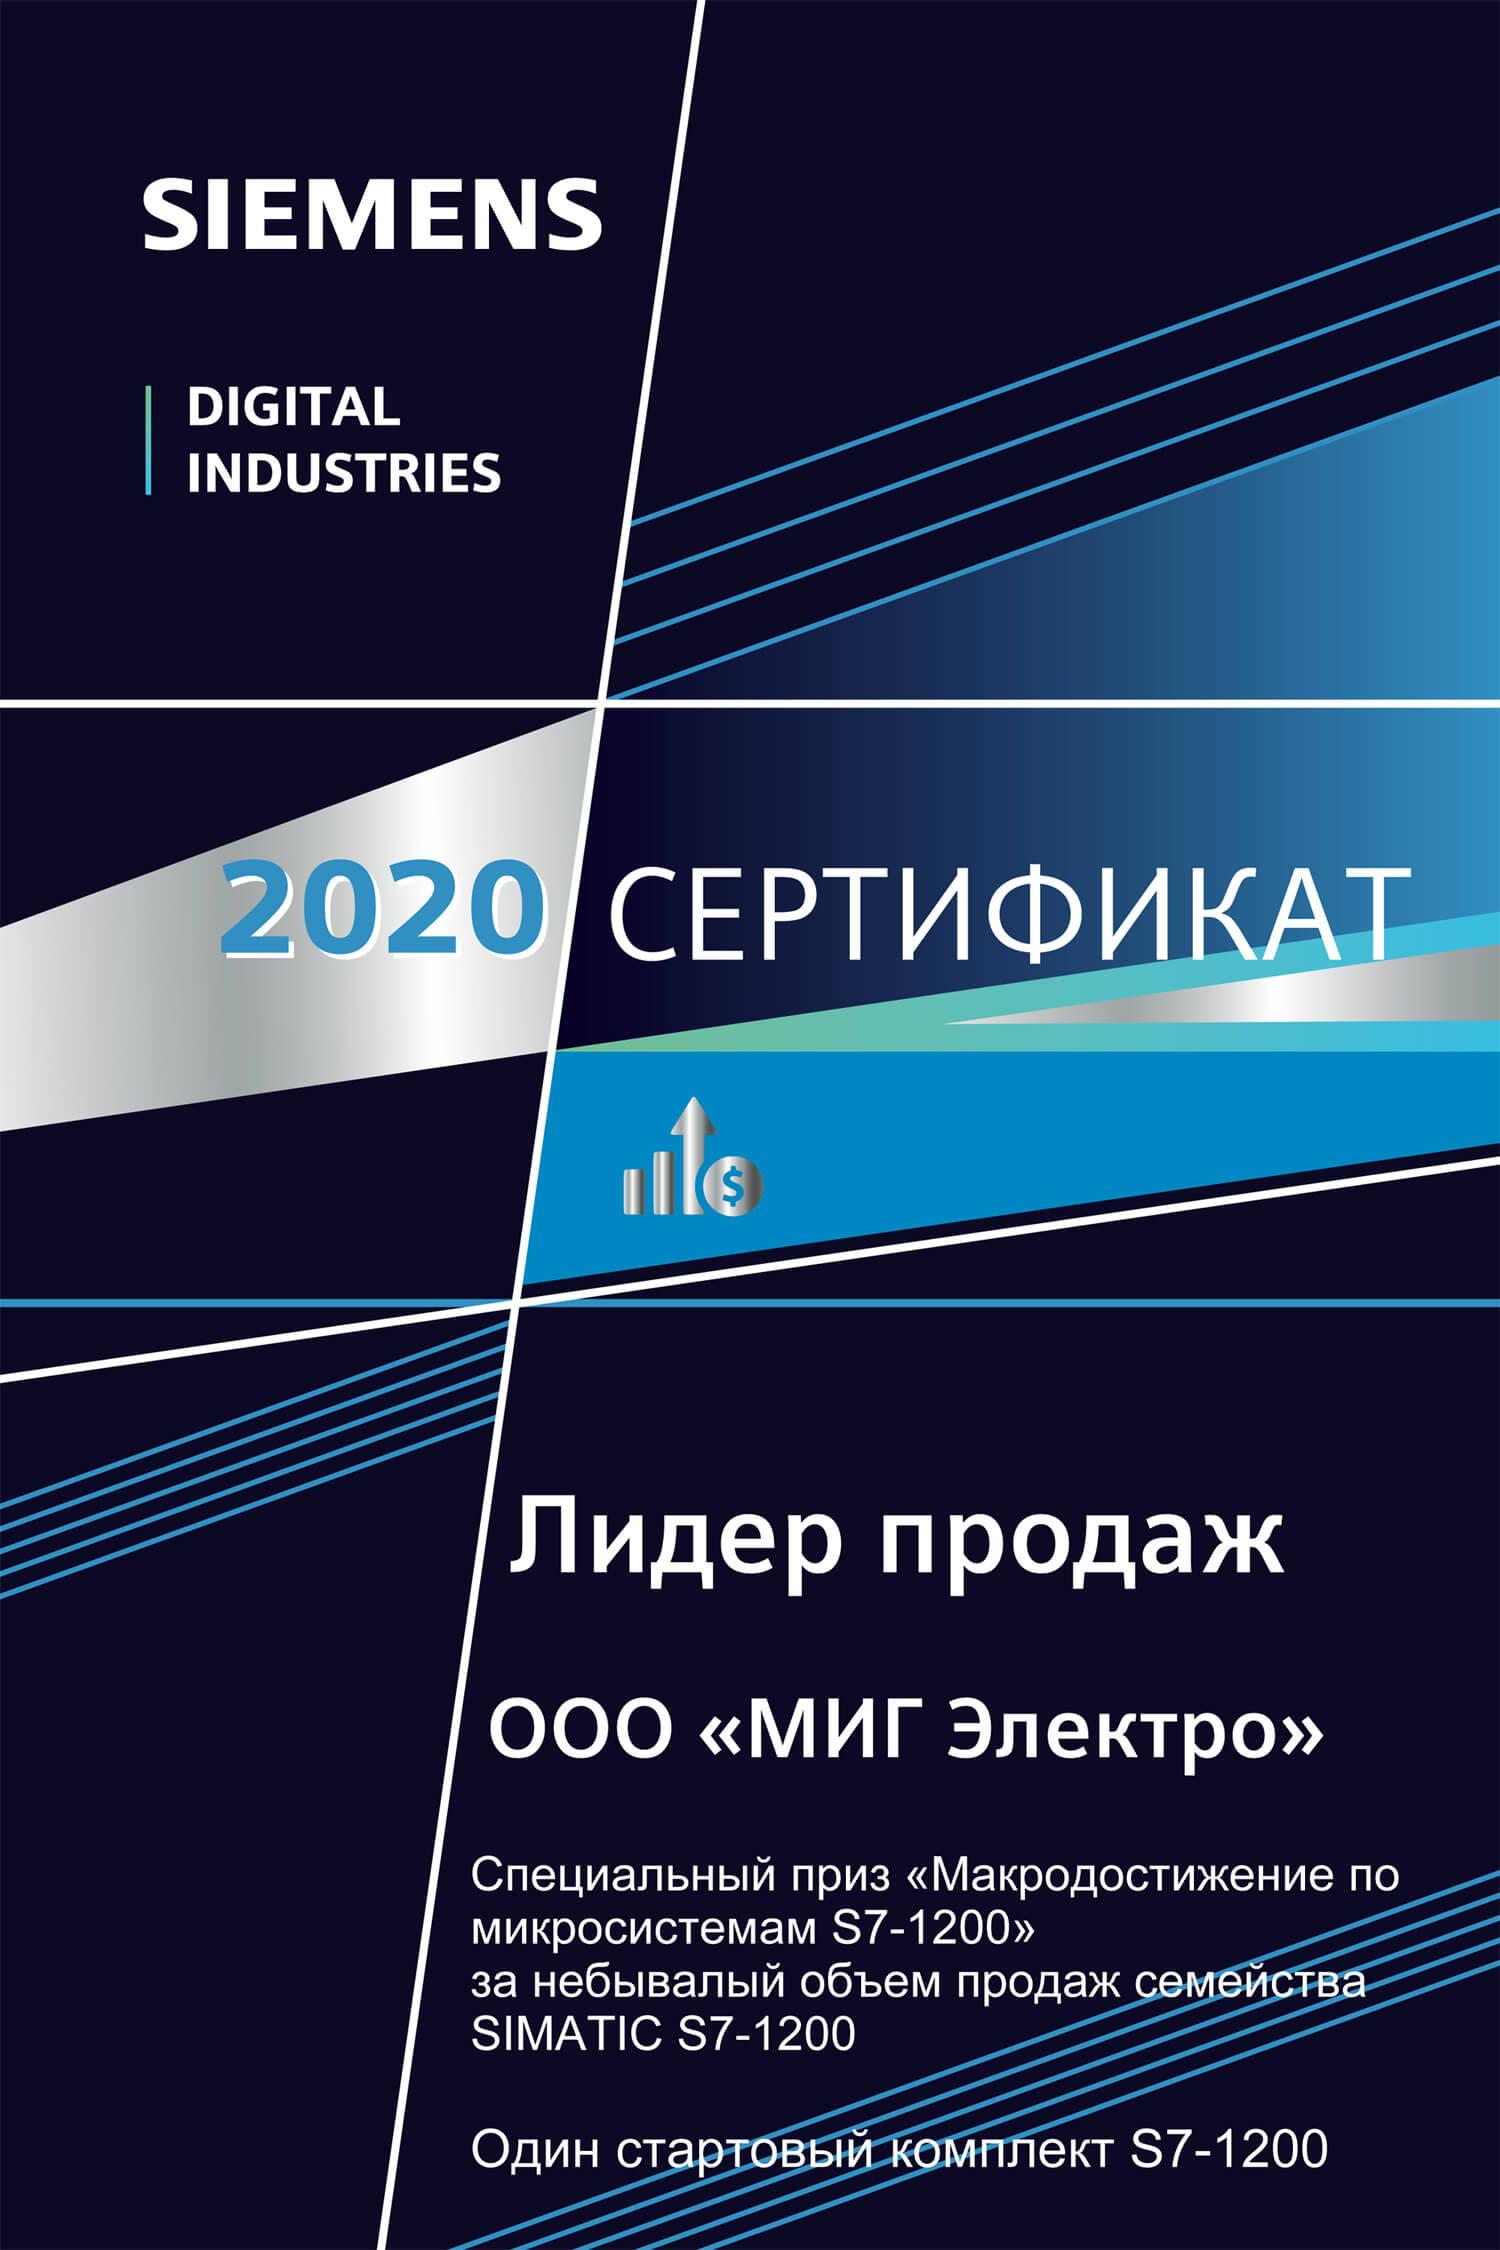 Сертификат МИГ Электро за небывалый рост продаж SIMATIC S7-1200